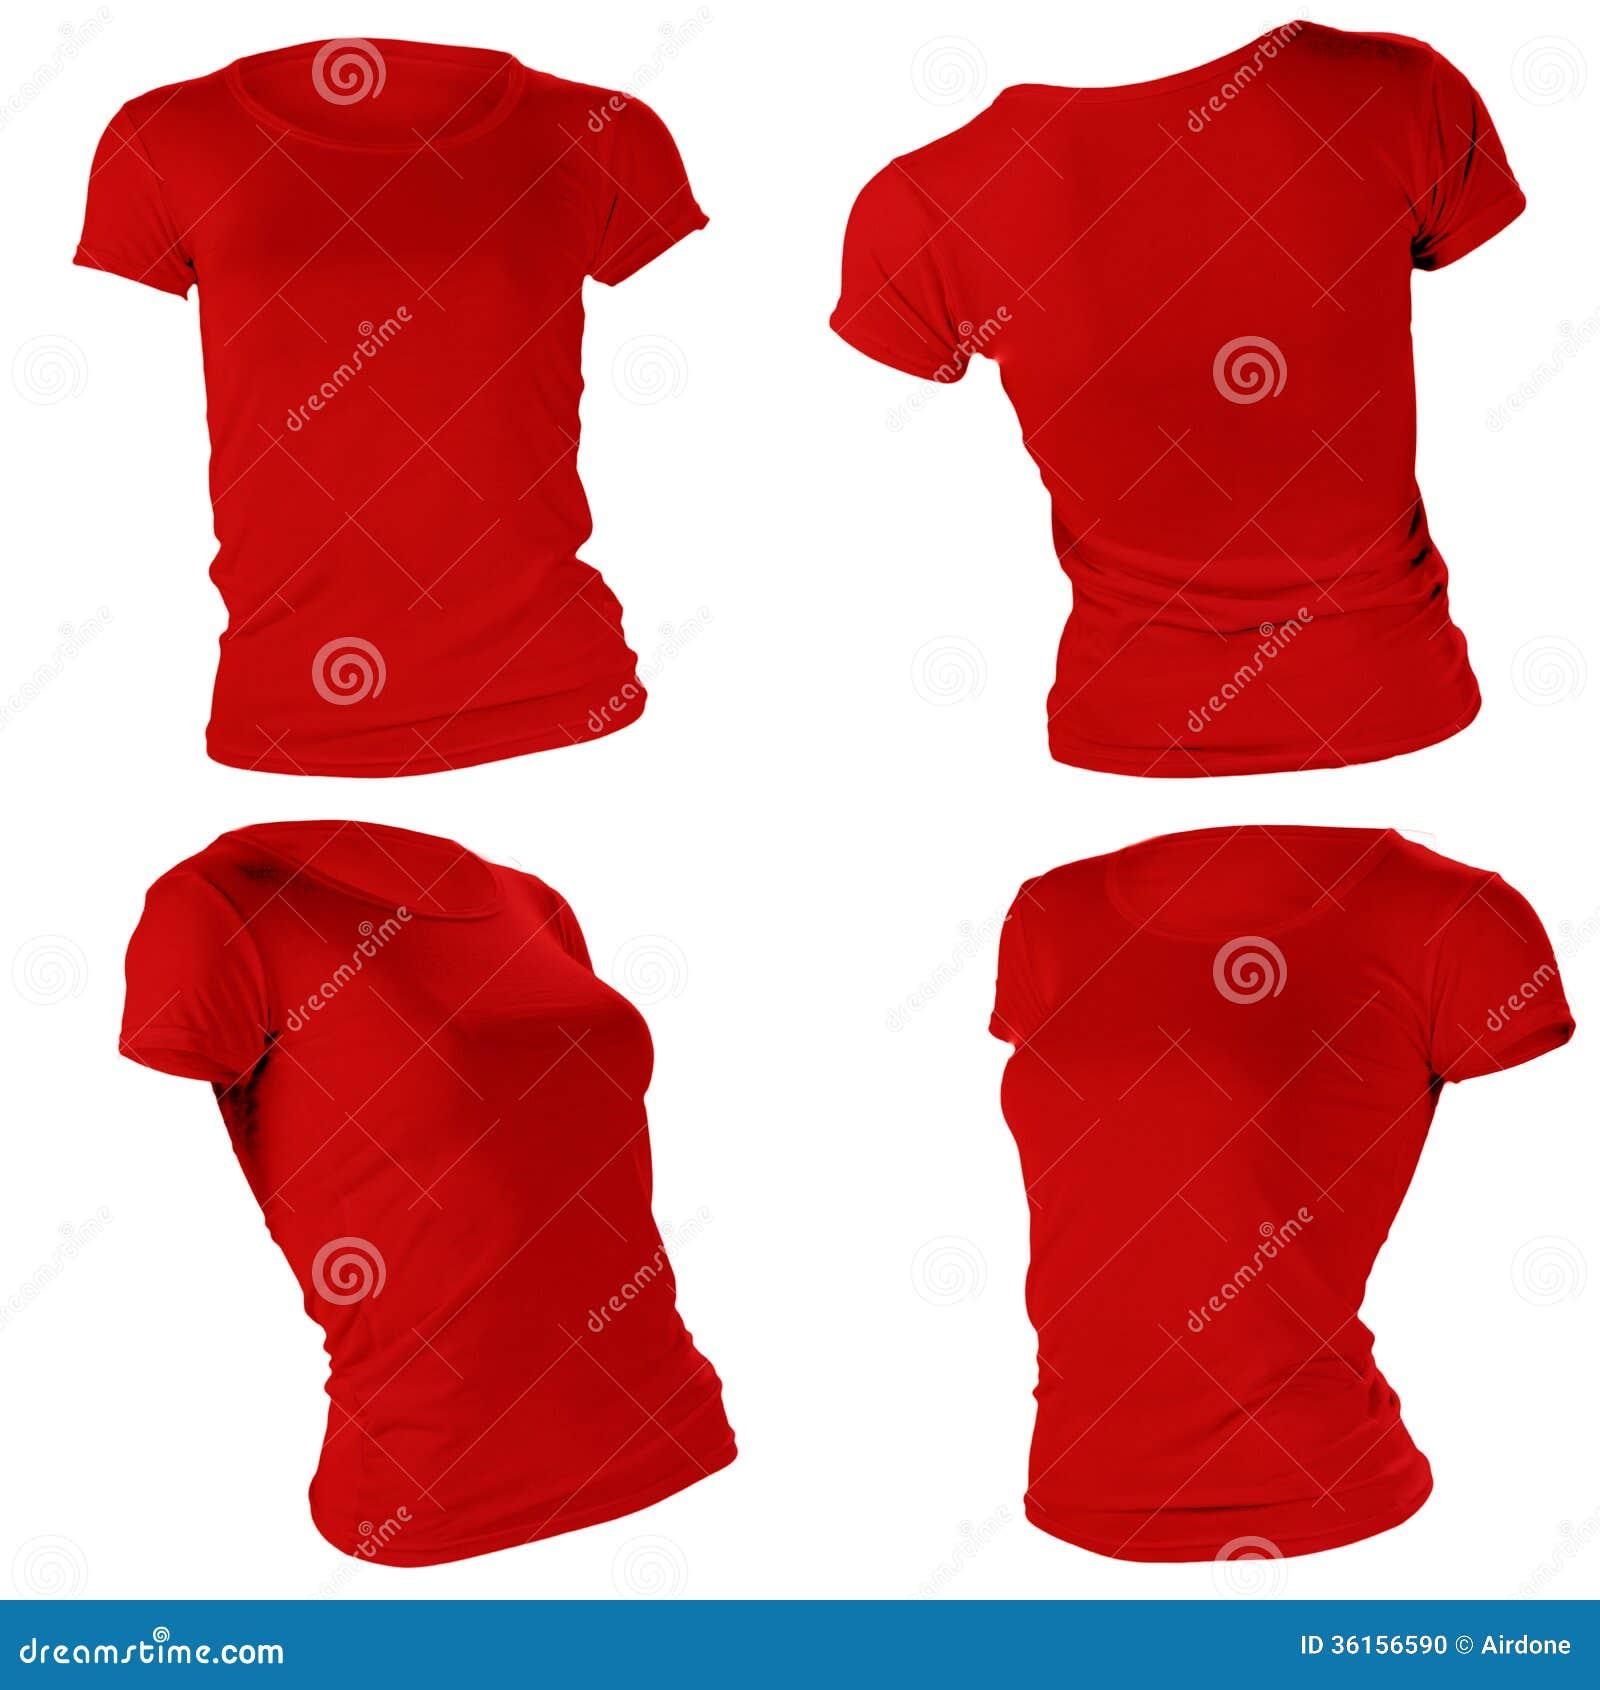 T shirt design red - Women S Blank Red T Shirt Template